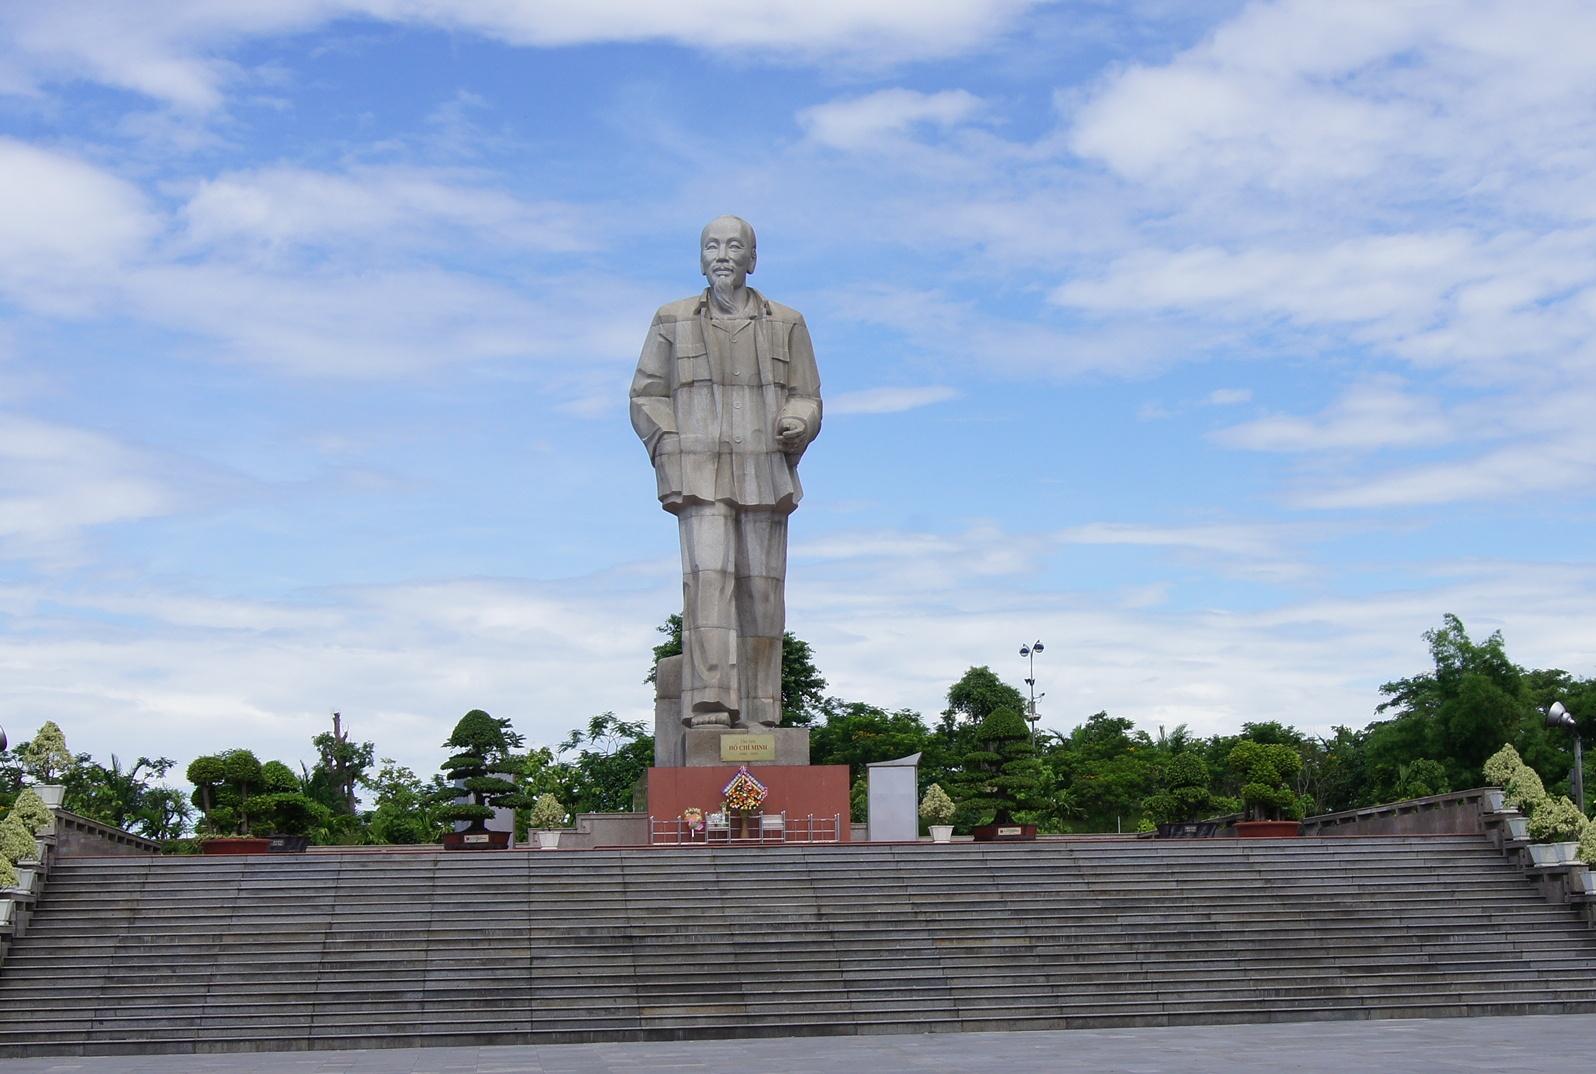 Bán nhớt Motul giá rẻ tại Nghệ An